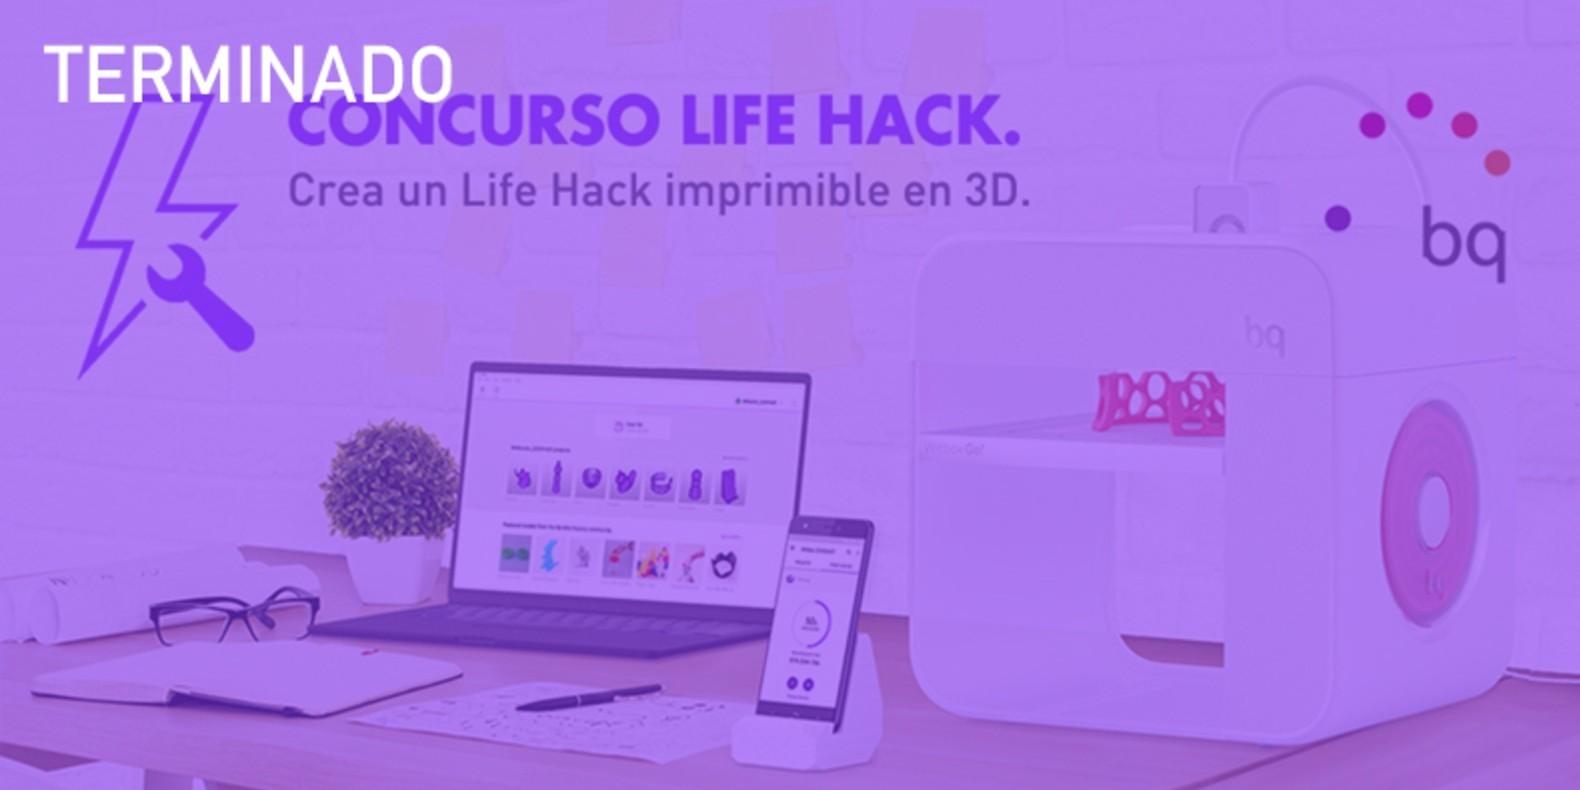 Modelar un Life Hack imprimible en 3D